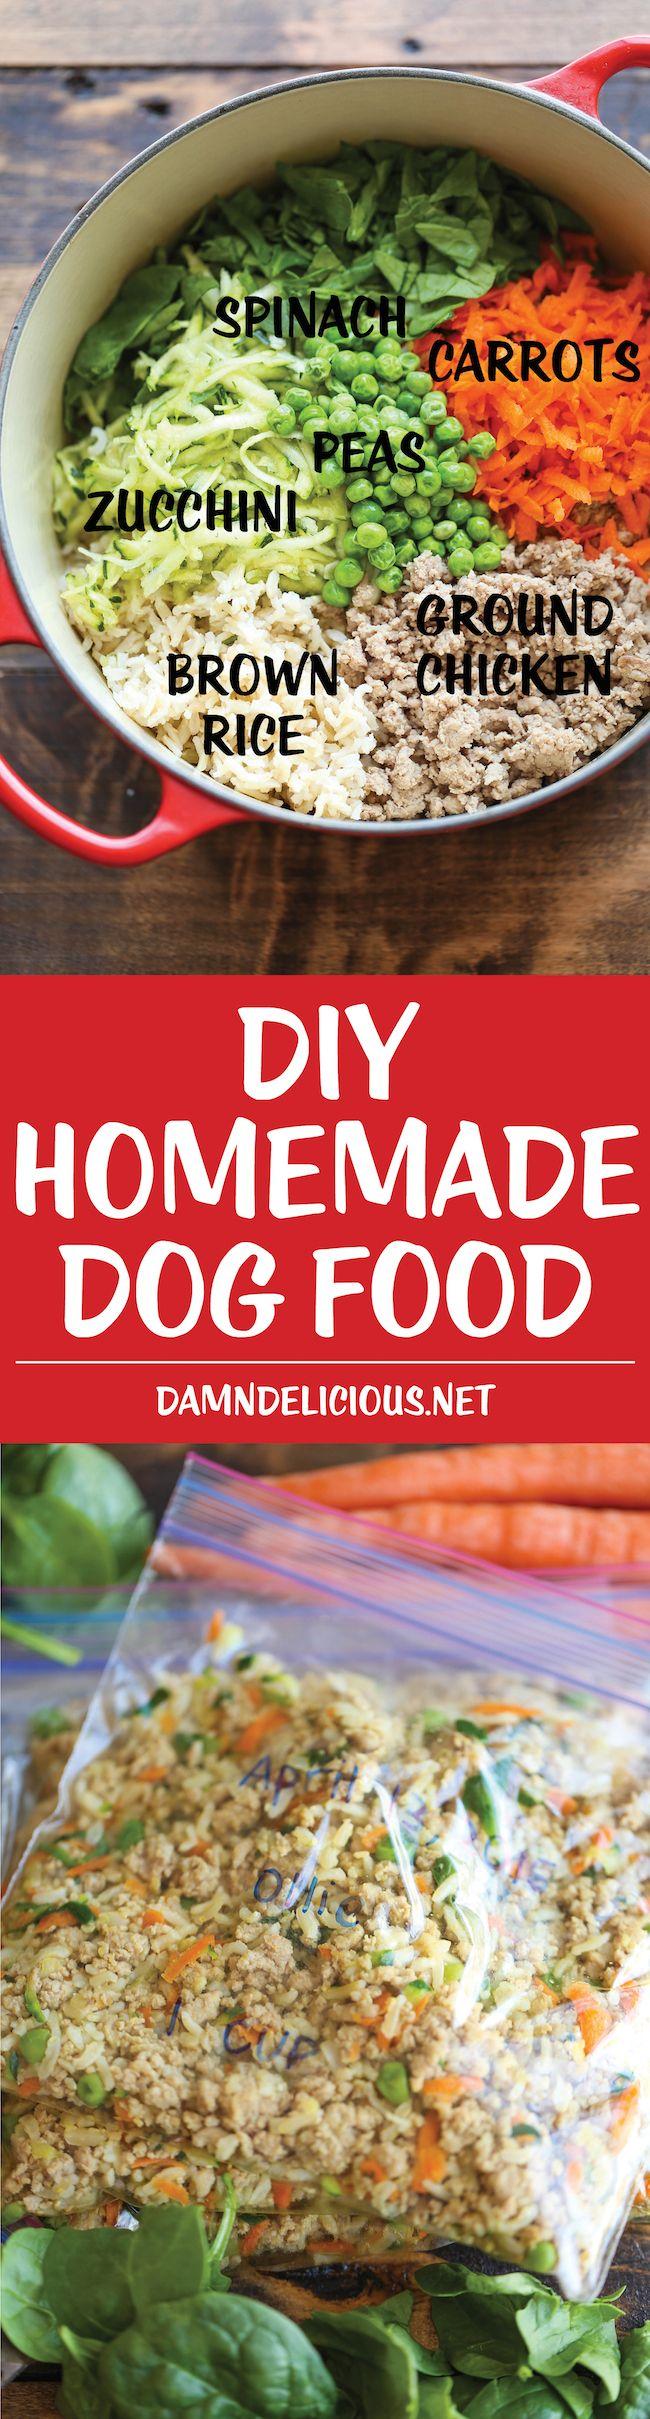 Diy Homemade Dog Food Recipe Healthy Dog Food Recipes Dog Food Recipes Make Dog Food